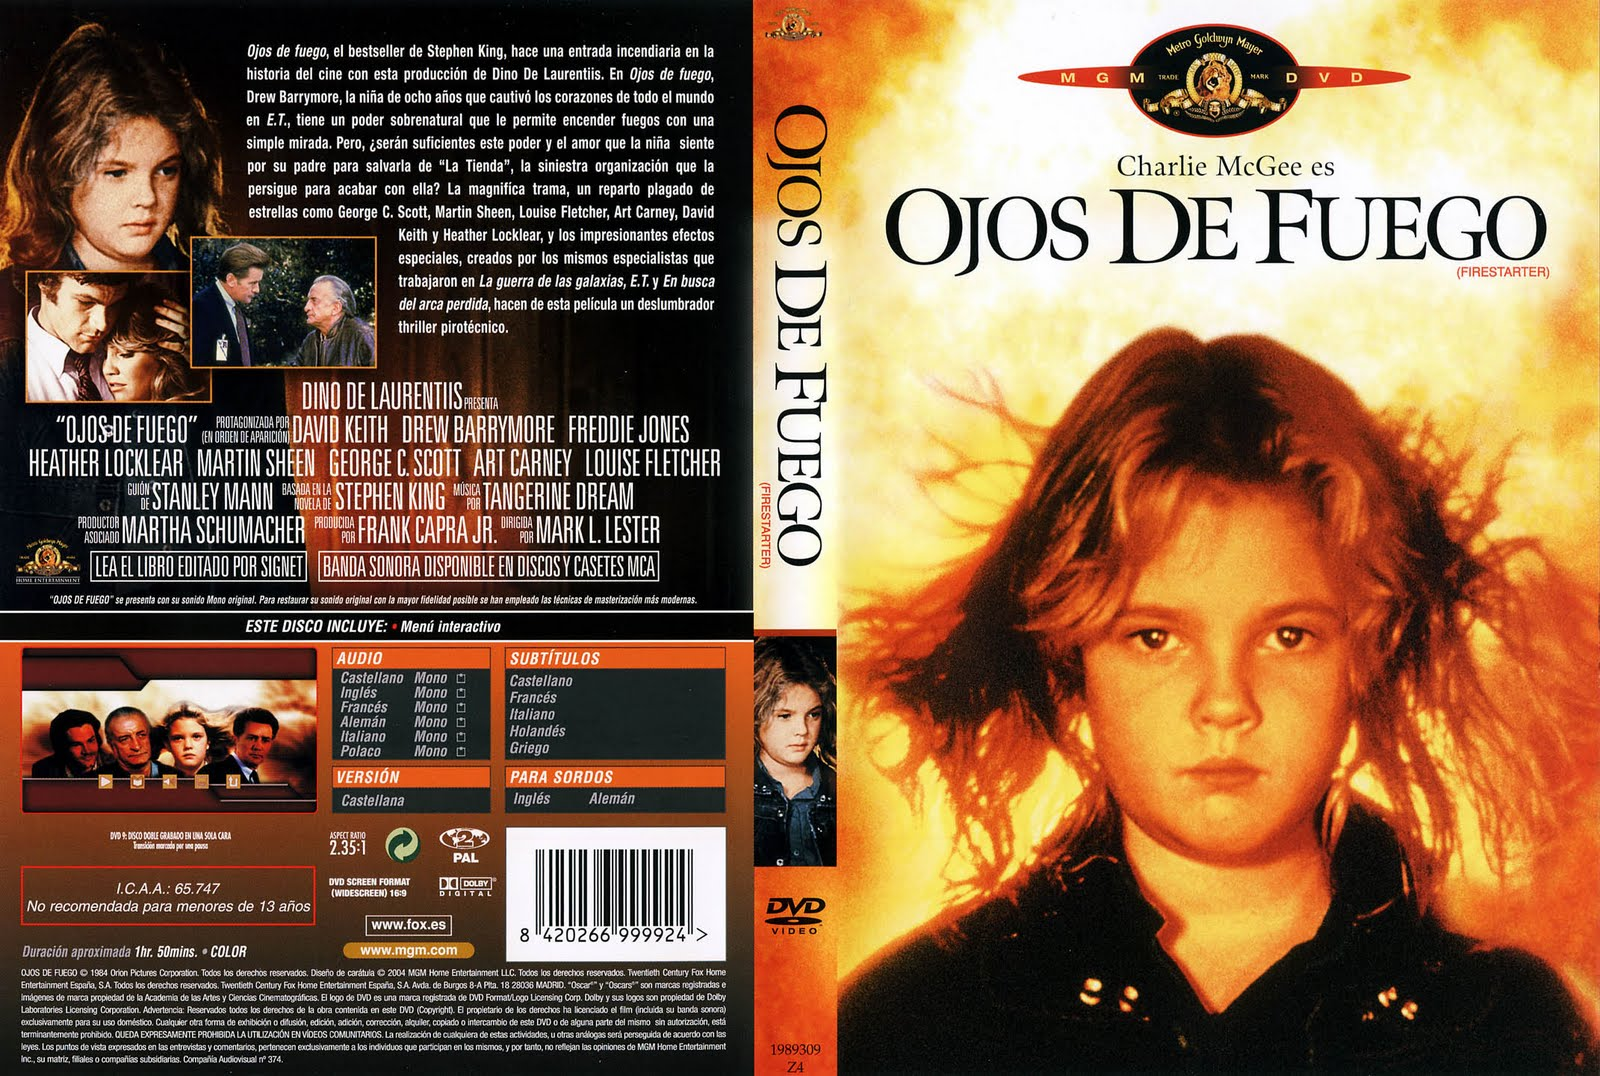 http://1.bp.blogspot.com/-rn4COMGf1Lg/TfW7lYDuxJI/AAAAAAAAAPY/03GeGj1MqoA/s1600/Ojos_De_Fuego-Caratula.jpg